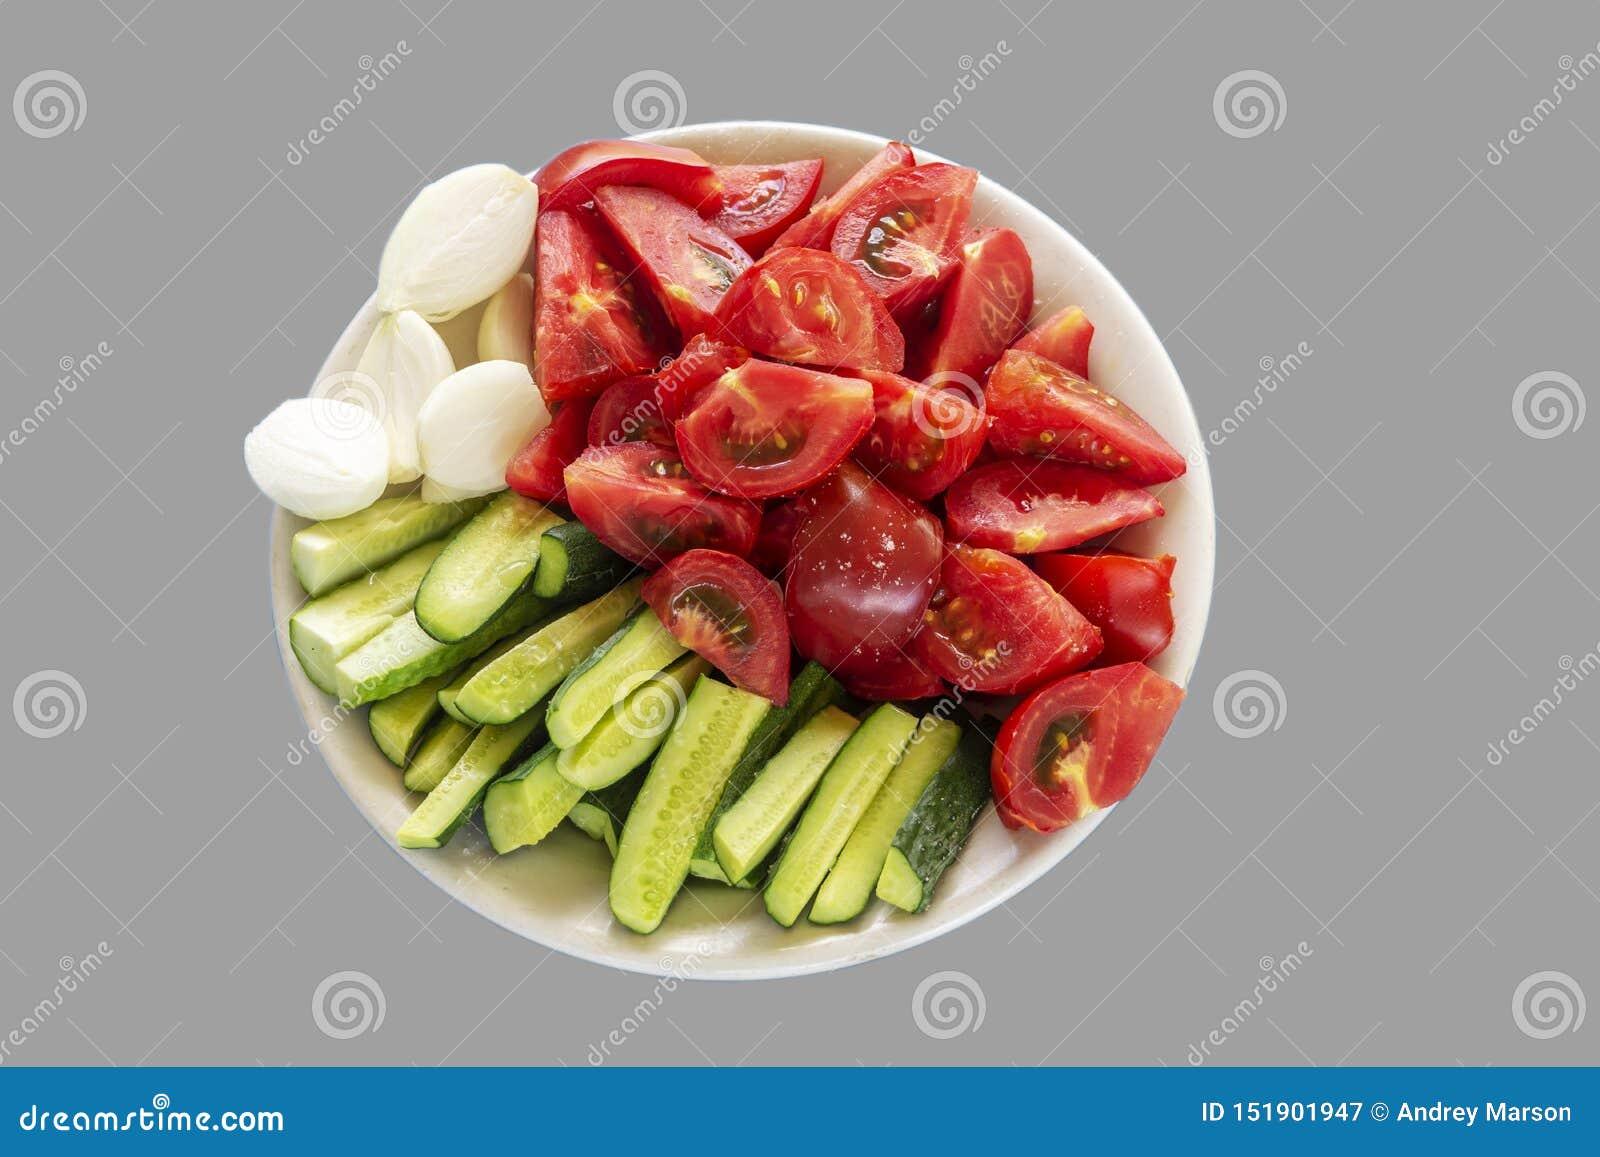 Geschnittenes Gem?se Tomaten, Gurken und Zwiebeln auf einem grauen Hintergrund ?ber Wei?